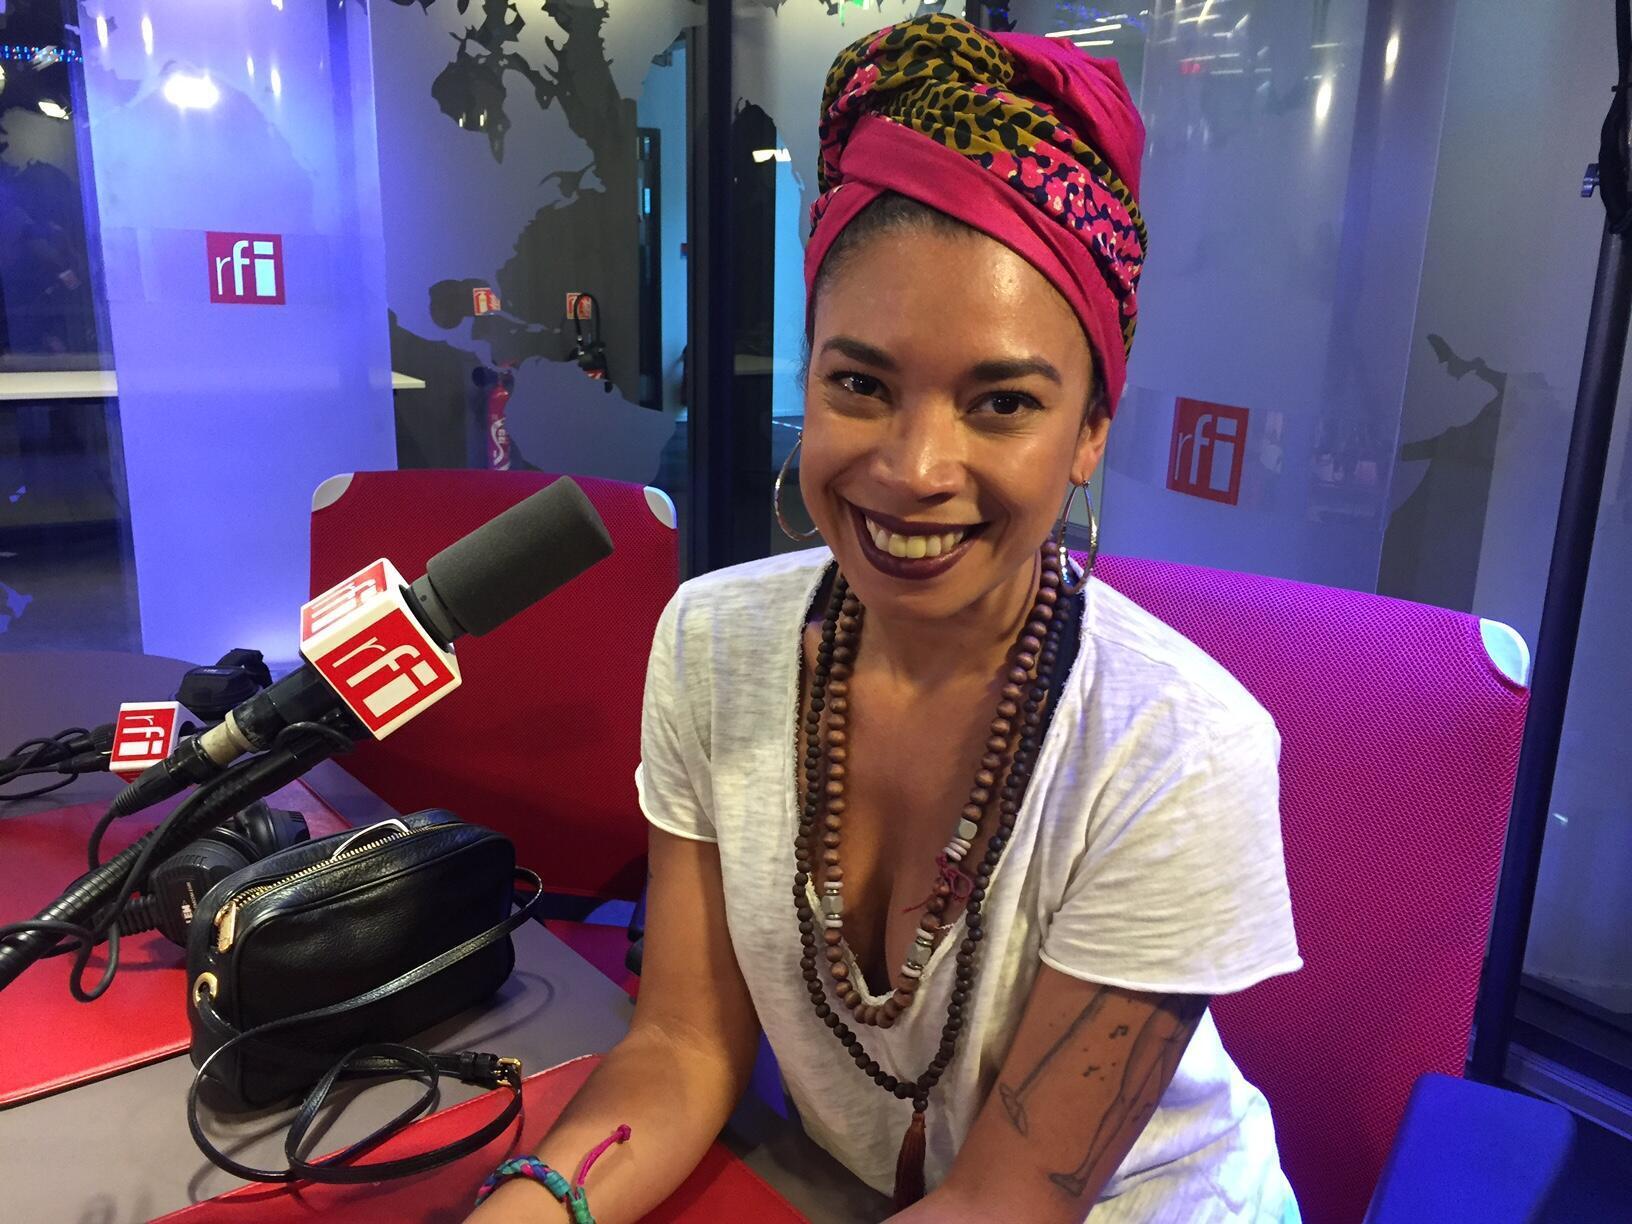 """A cantora e compositora brasileira Flávia Coelho entra em estúdio neste momento na França para gravar seu quarto disco, após o sucesso de """"Sonho Real""""."""